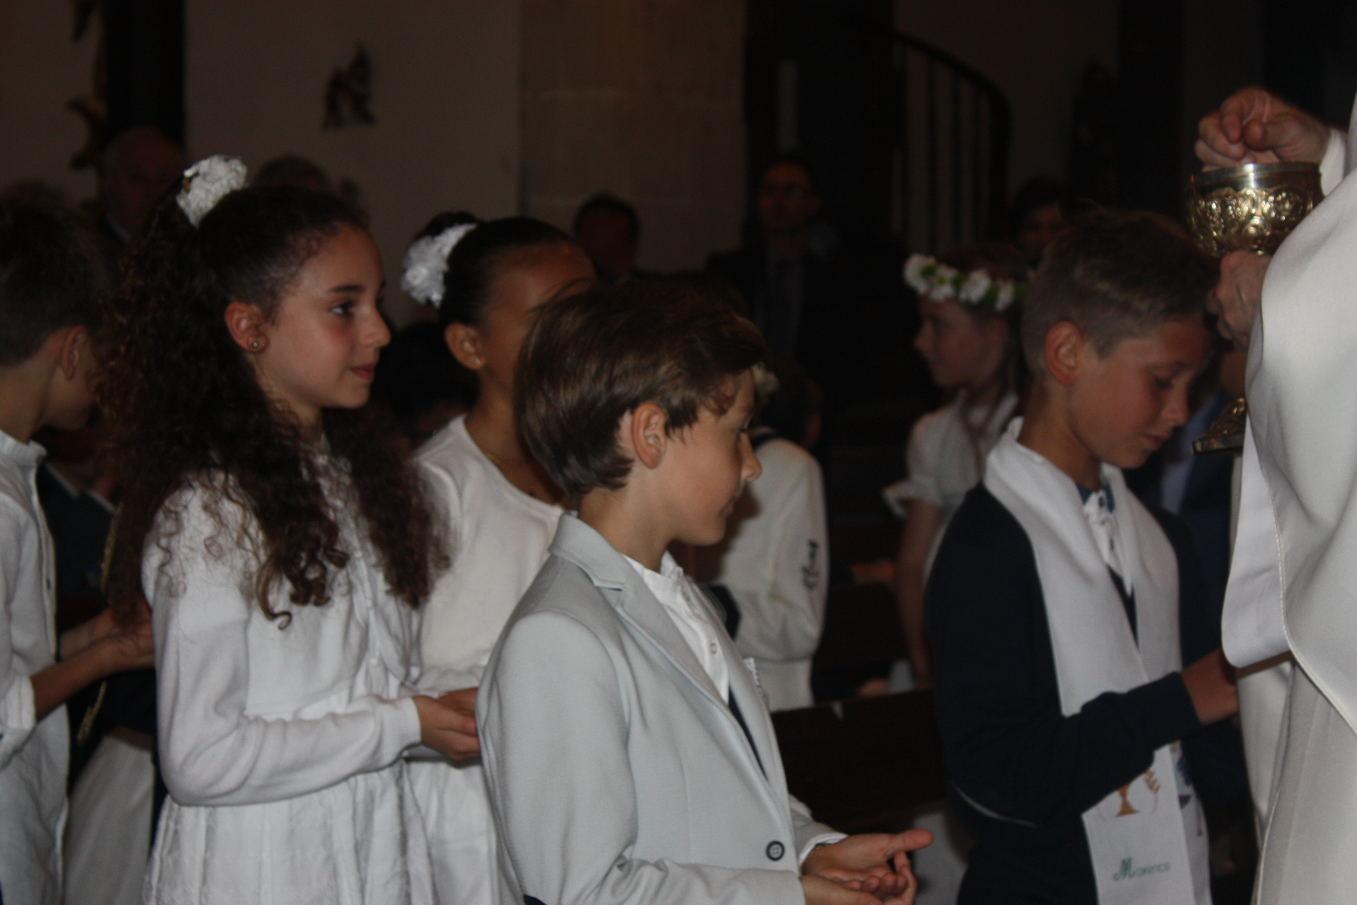 Maxence, nouveau fils de Dieu, communie avec ses camarades